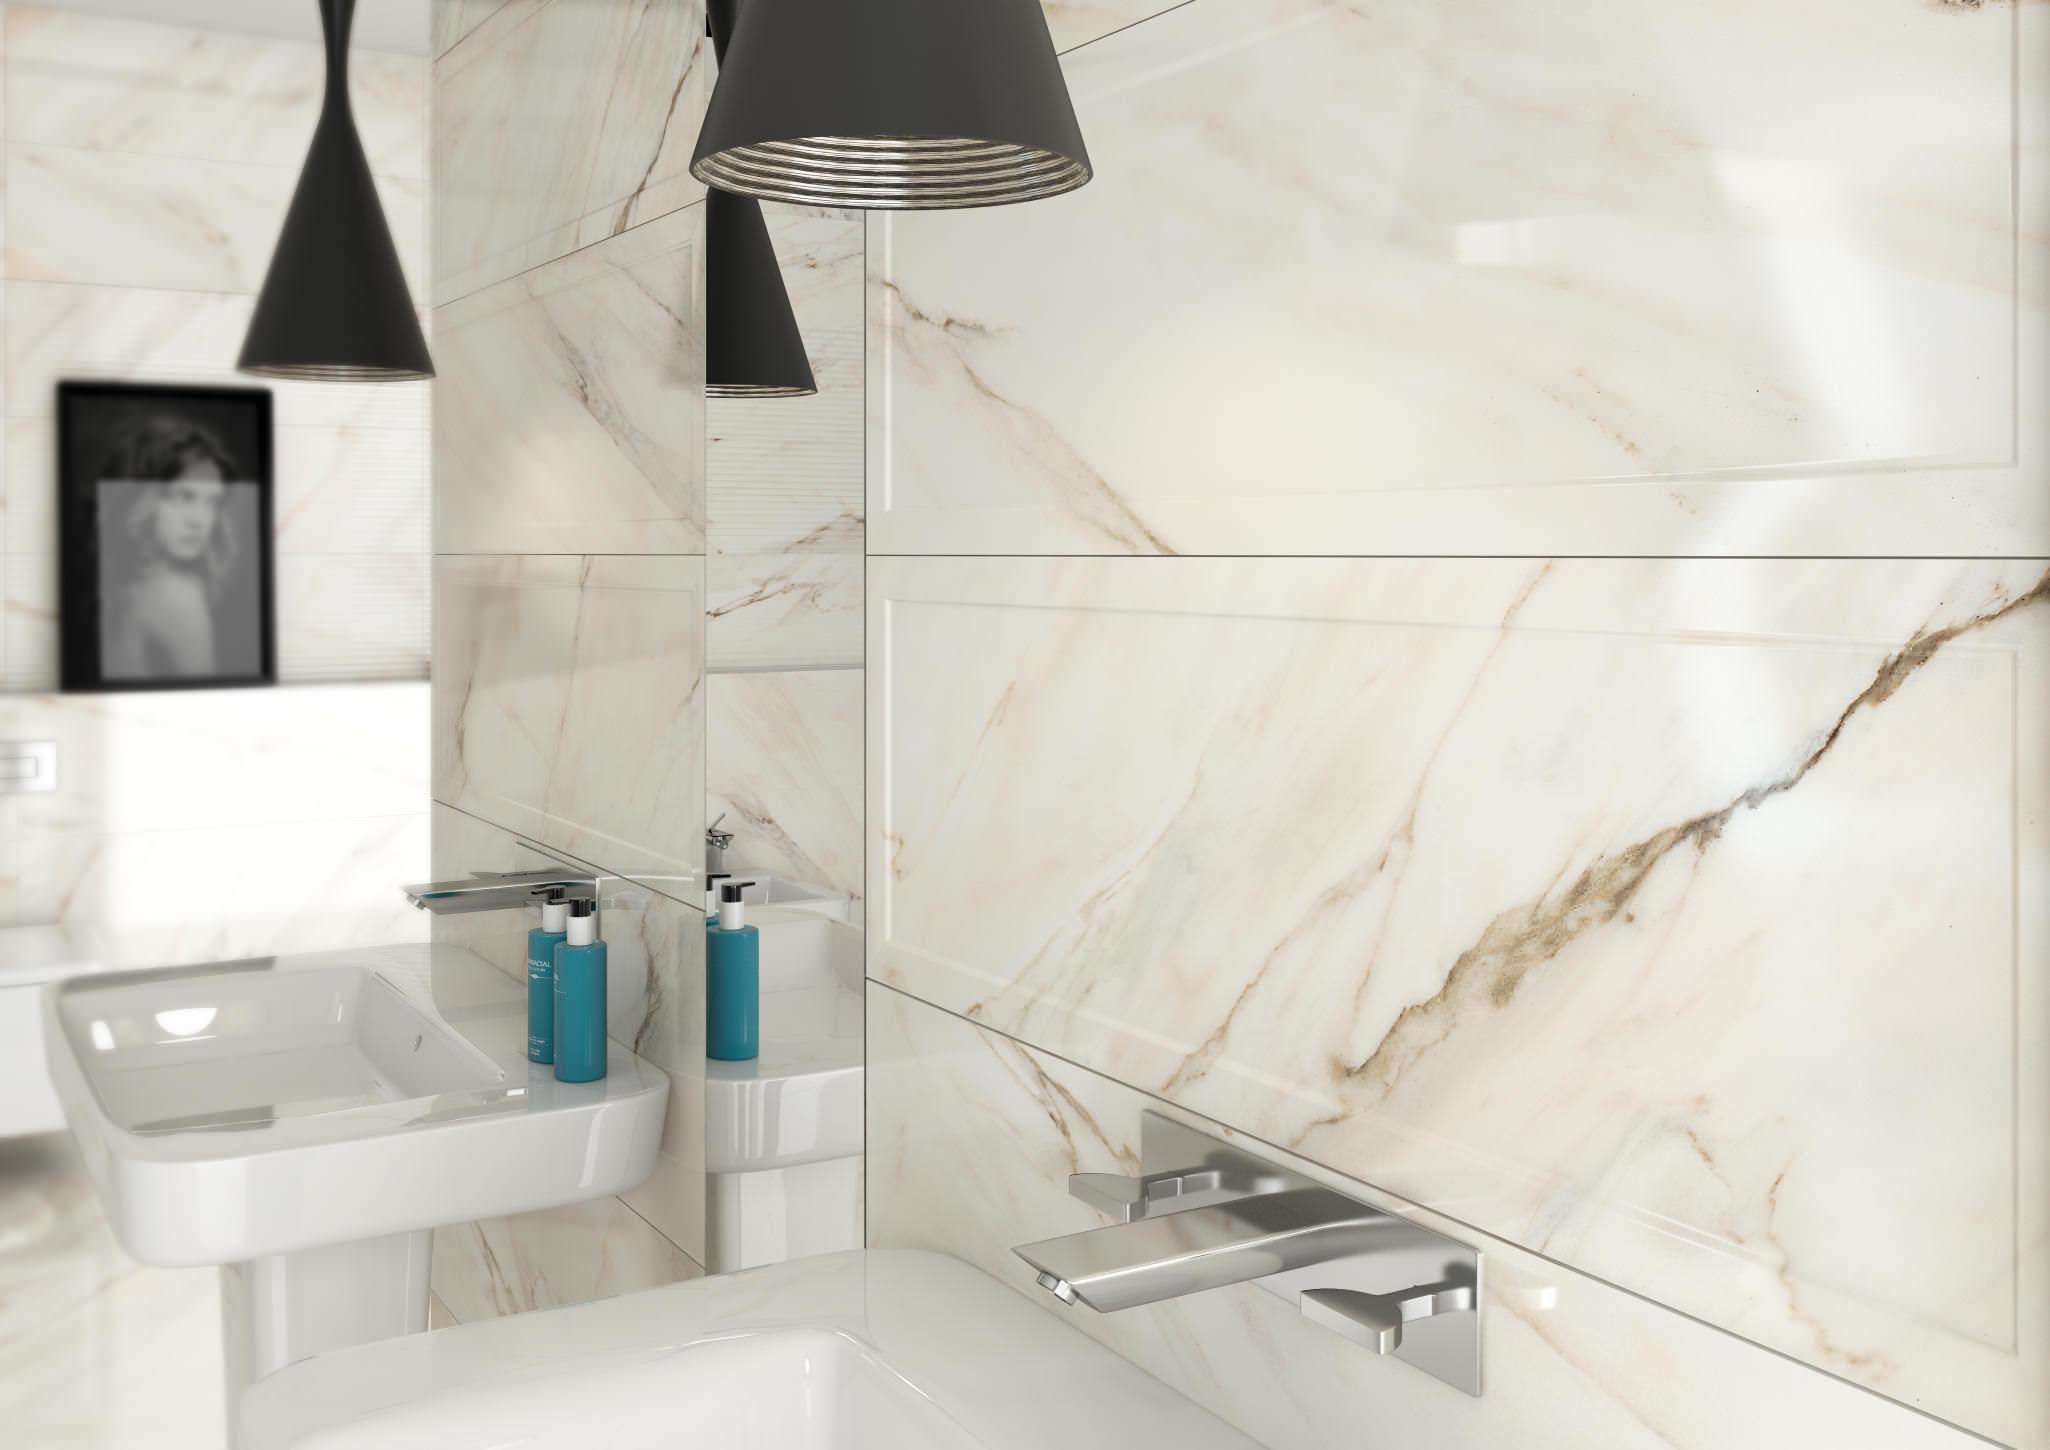 carrelage de salle de bain mural en grs crame poli calacatta roca tile - Faience Marbre Salle De Bain